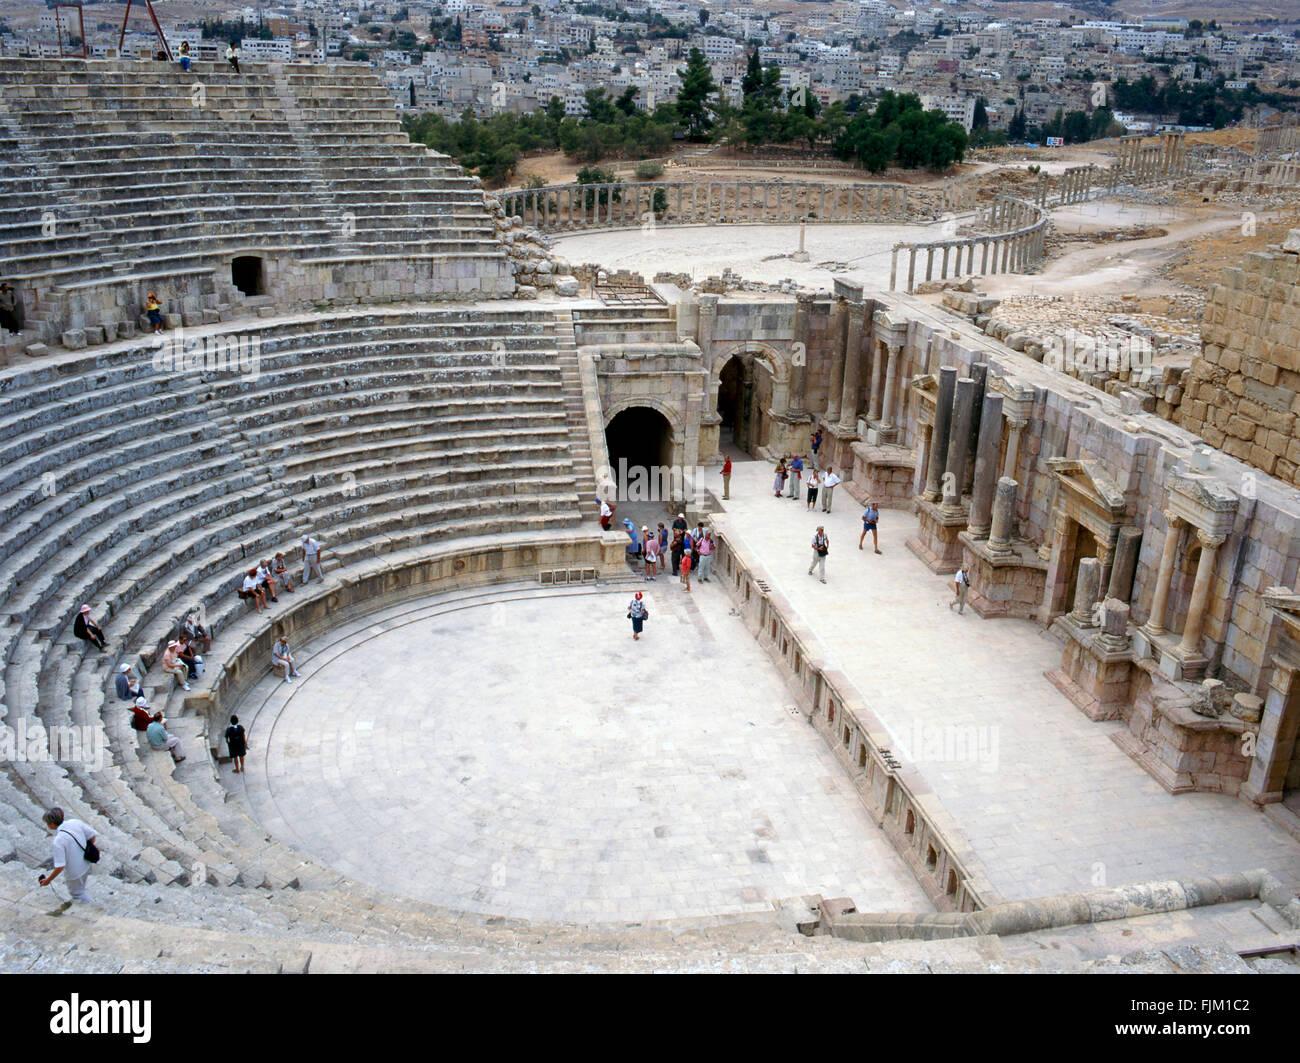 Ruines de Jerash, cité romaine près d'Amman en Jordanie Photo Stock